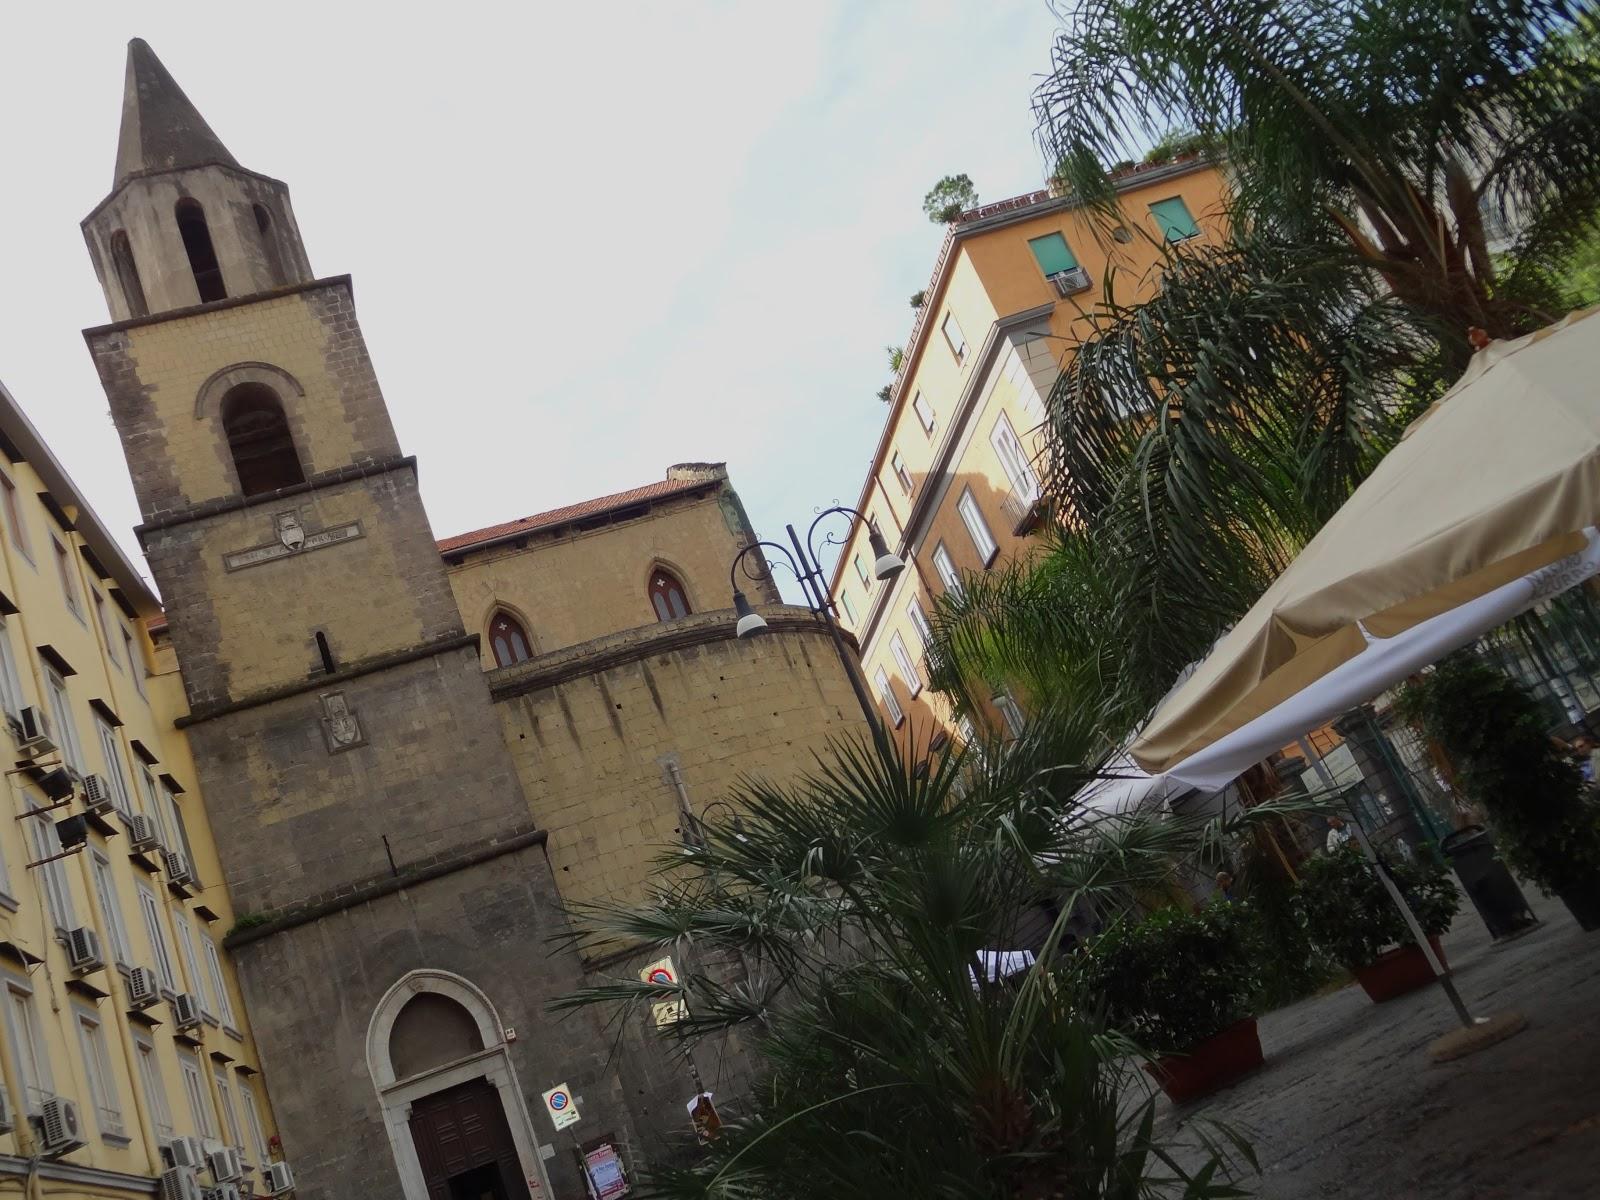 Chiesa di San Pietro a Maiela, Napoli